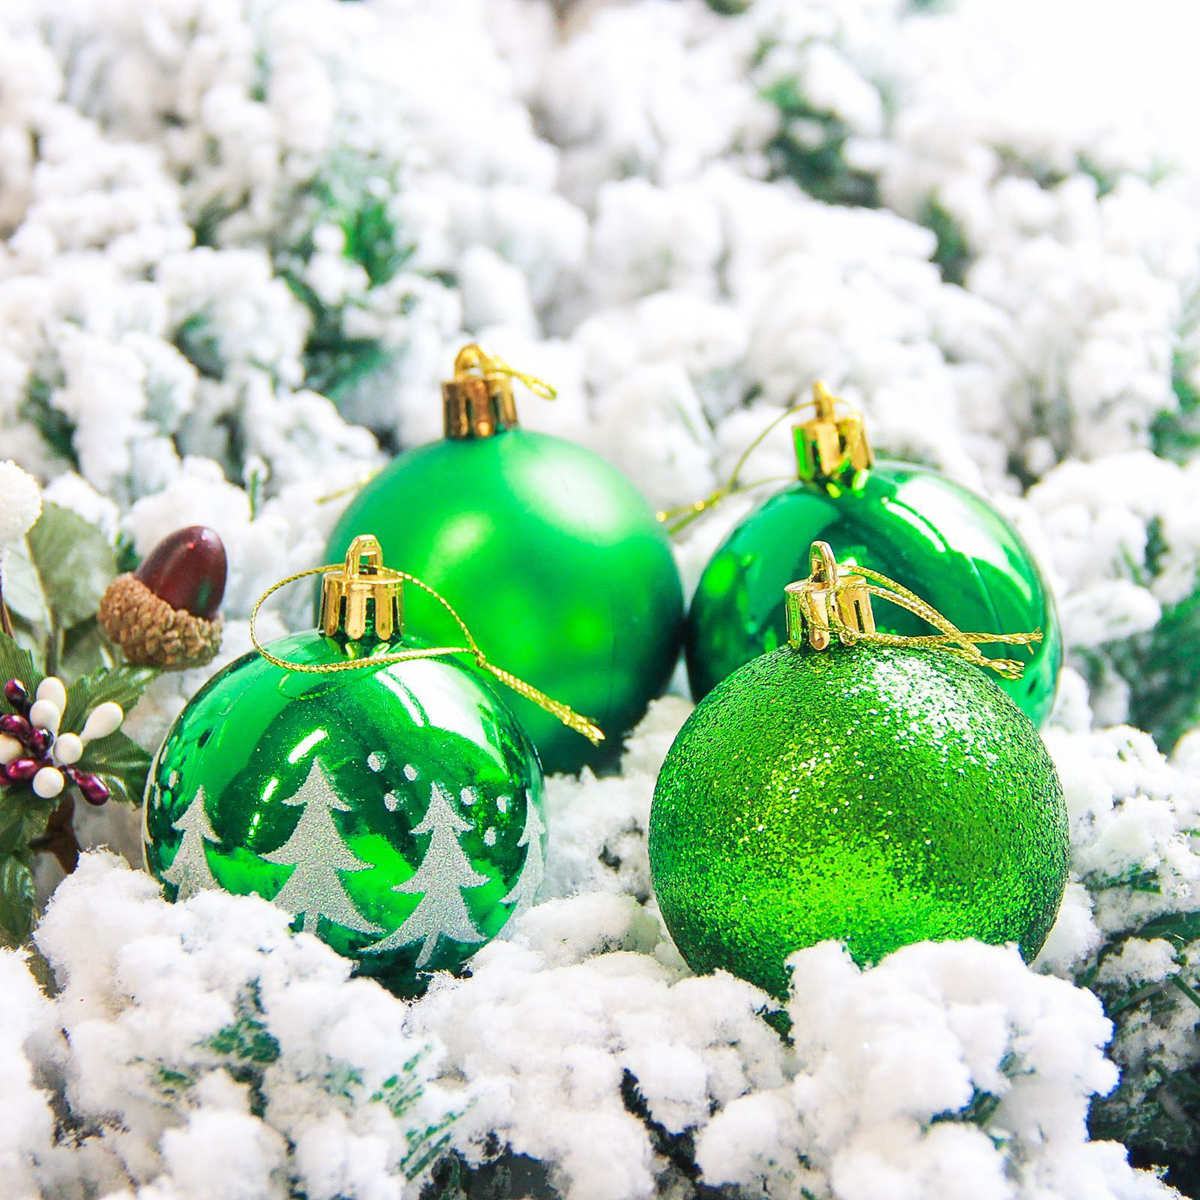 Набор новогодних подвесных украшений Sima-land Грациозо, цвет: зеленый, диаметр 6 см, 16 шт2178250Набор новогодних подвесных украшений Sima-land отлично подойдет для декорации вашего дома и новогодней ели. С помощью специальной петельки украшение можно повесить в любом понравившемся вам месте. Но, конечно, удачнее всего оно будет смотреться на праздничной елке. Елочная игрушка - символ Нового года. Она несет в себе волшебство и красоту праздника. Создайте в своем доме атмосферу веселья и радости, украшая новогоднюю елку нарядными игрушками, которые будут из года в год накапливать теплоту воспоминаний.